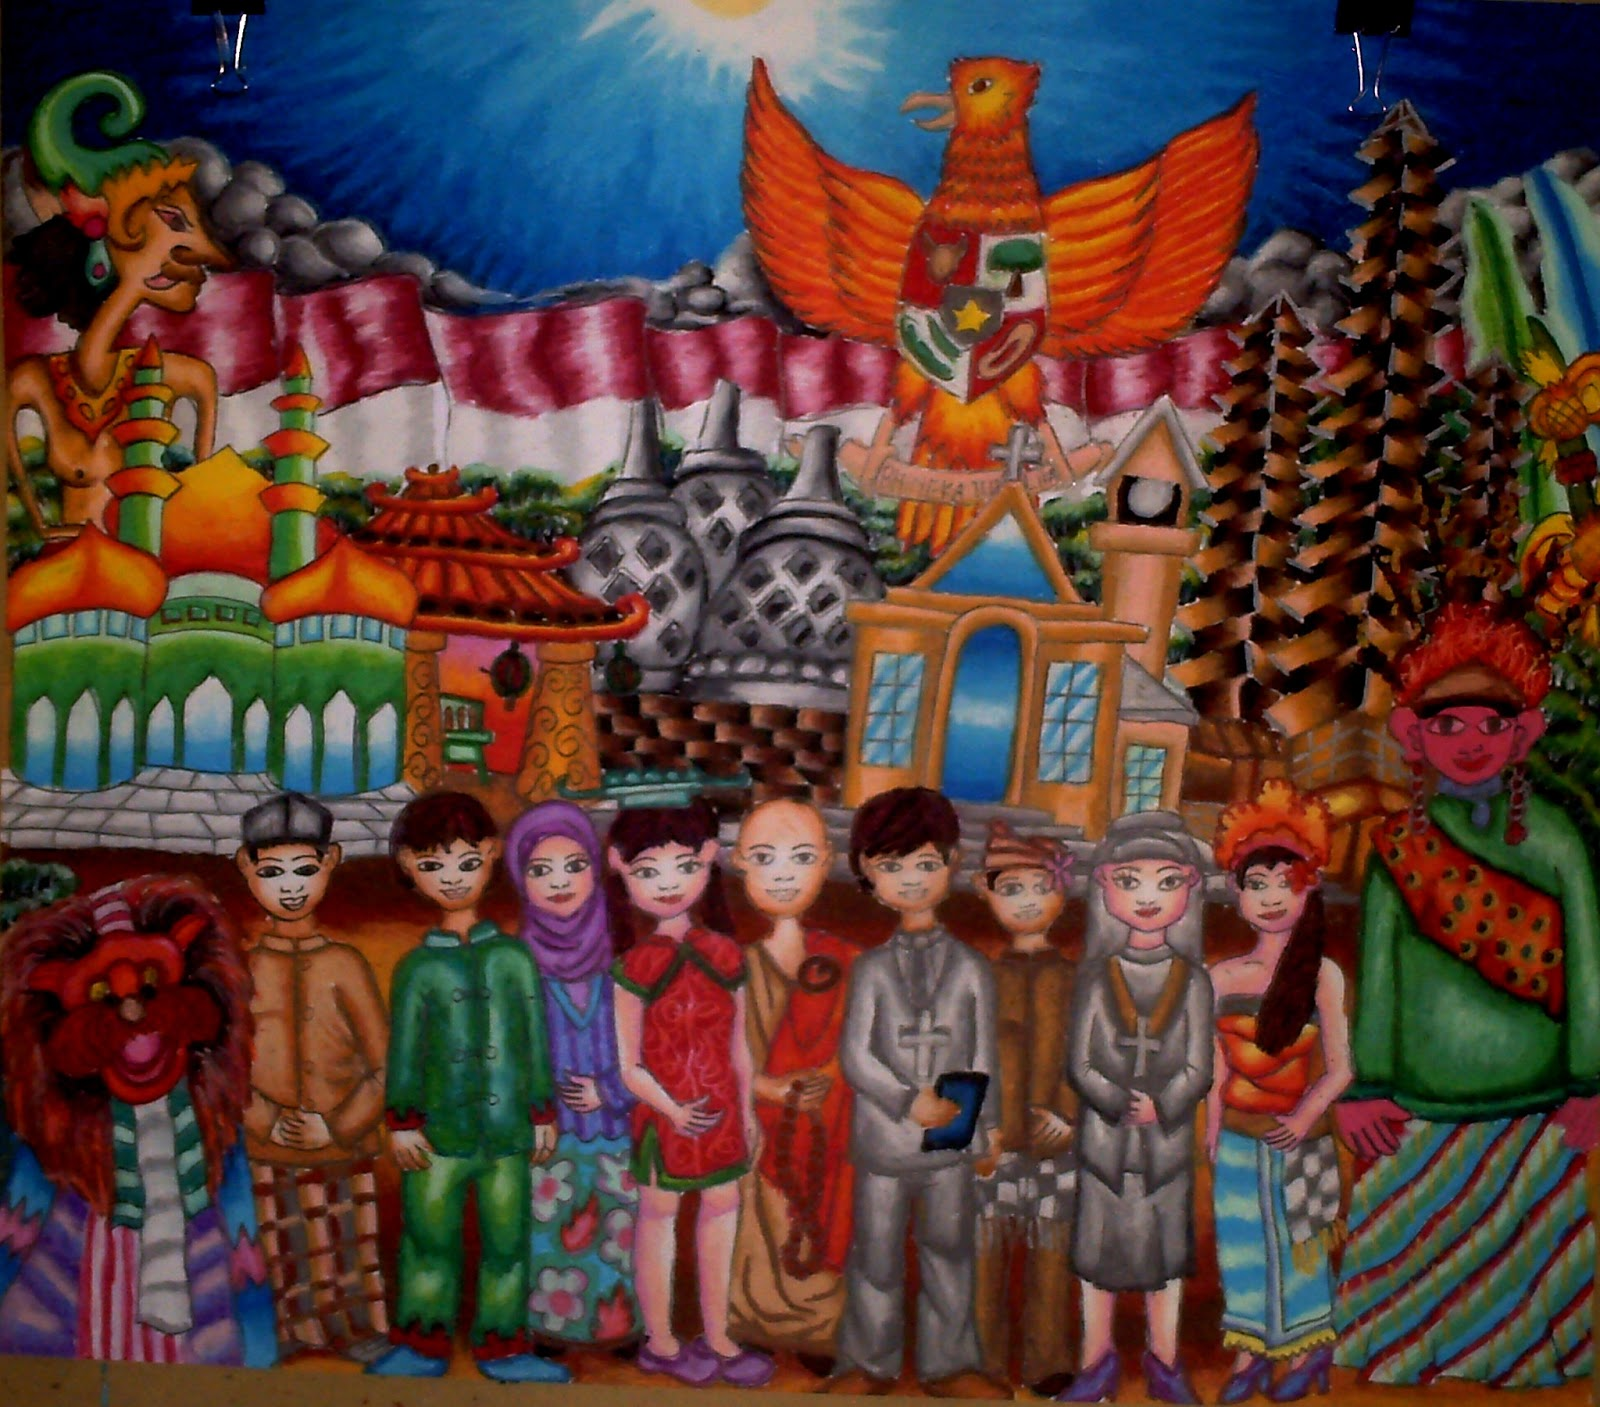 Koleksi Gambar Mewarnai Bhineka Tunggal Ika